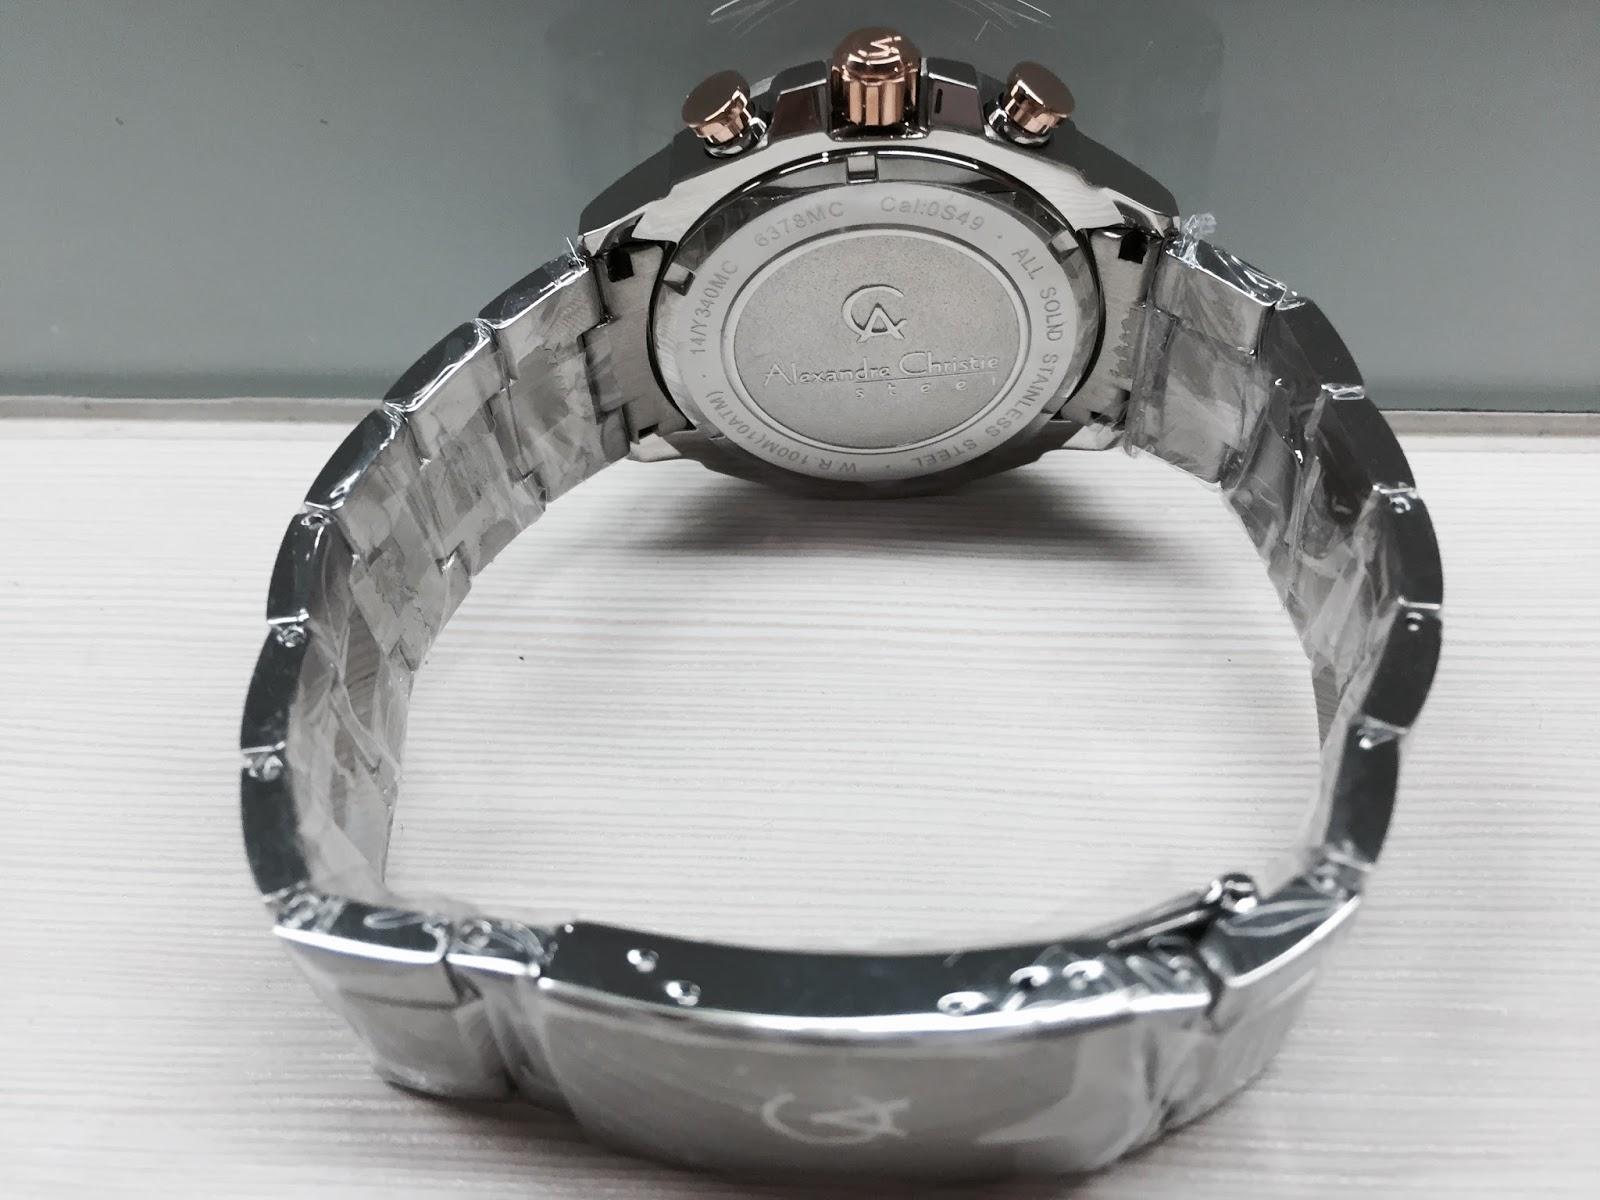 Jual Arloji Jam Tangan Baru Branded Original For Sale Alexandra Christie Watch Tampak Belakang